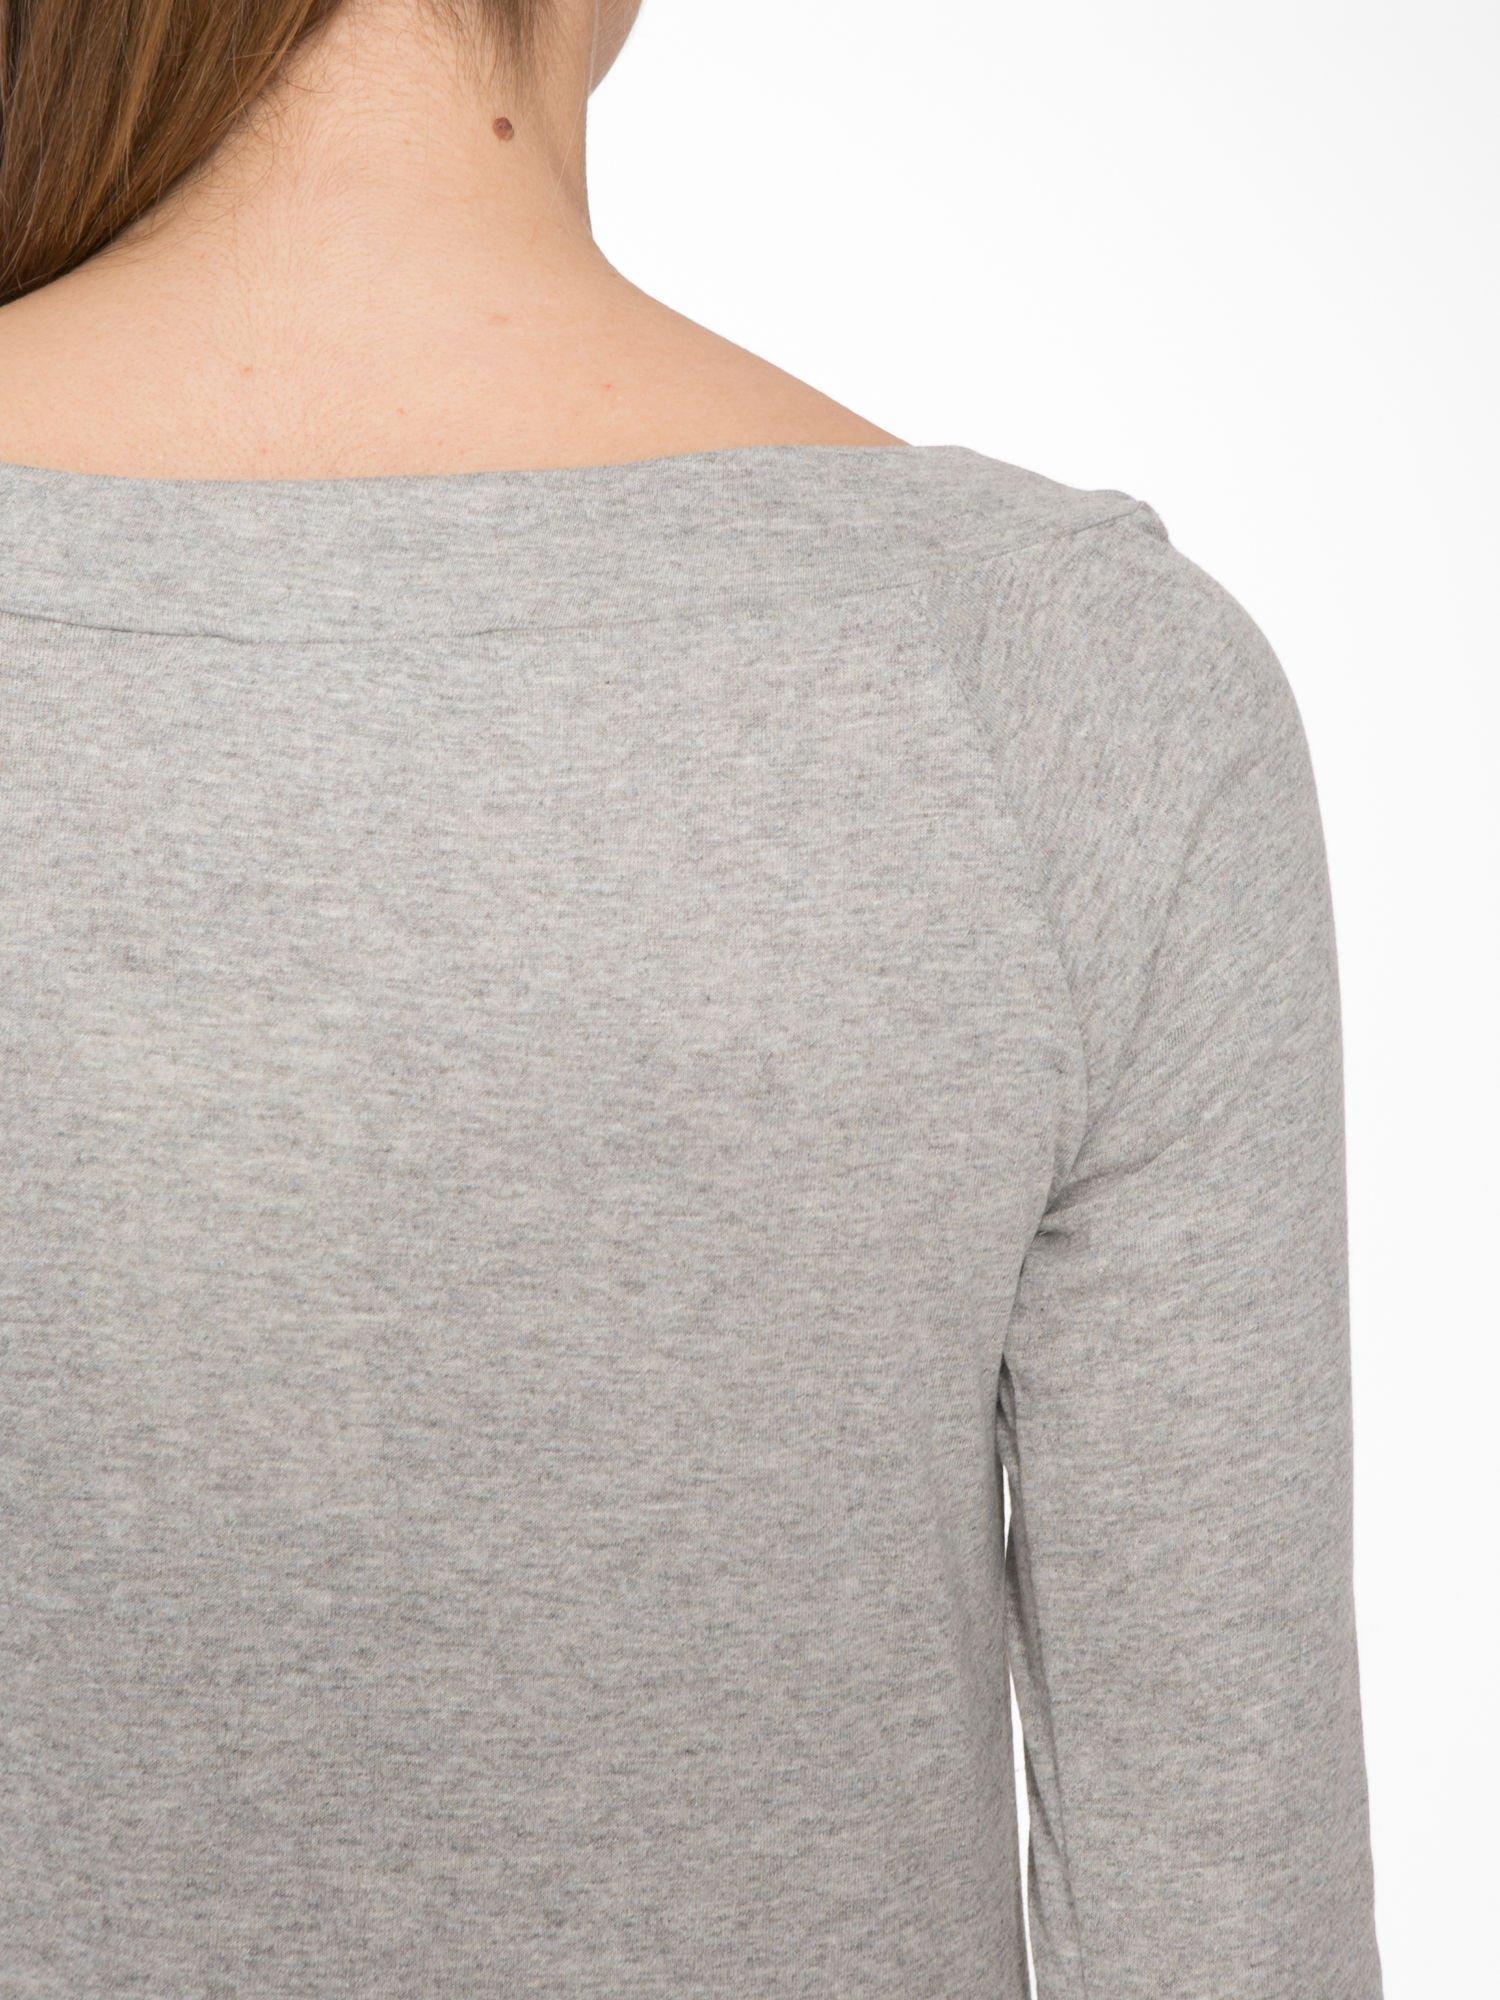 Jasnoszara melanżowa bluzka z reglanowymi rękawami                                  zdj.                                  7